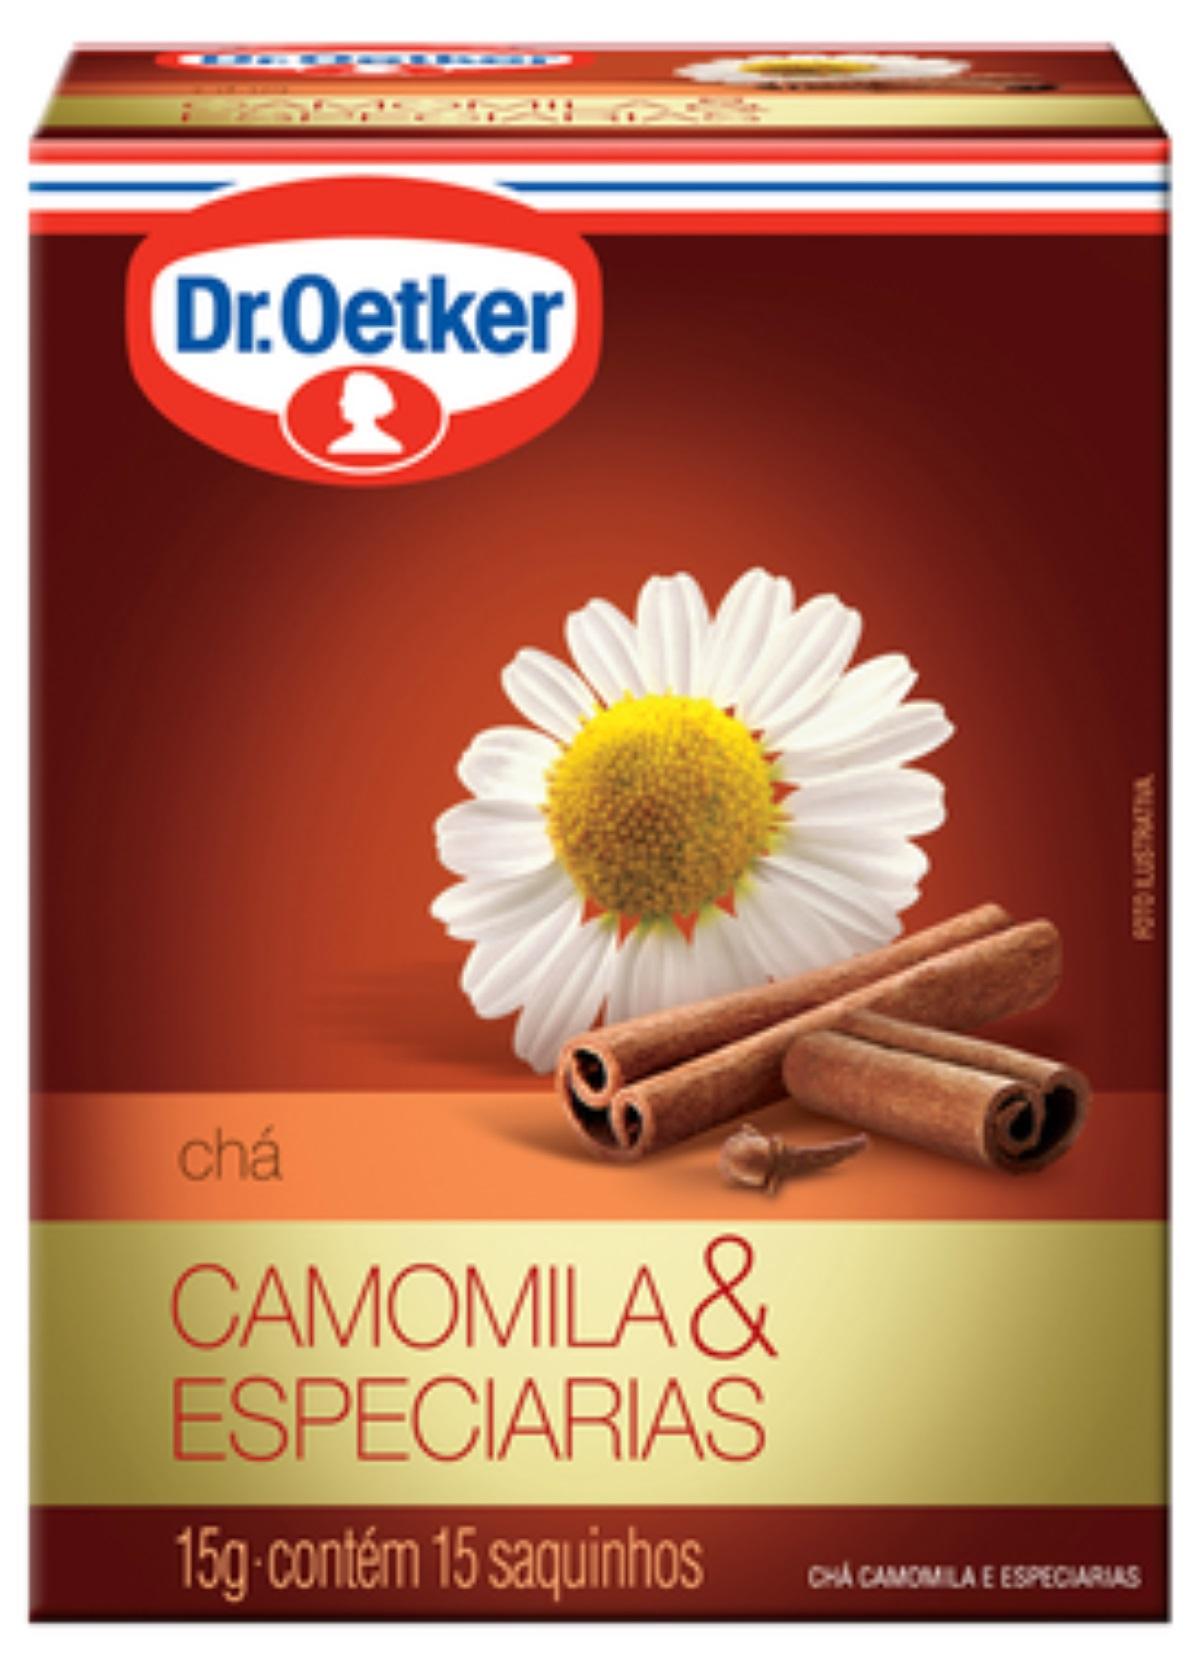 CHÁ DE CAMOMILA COM ESPECIARIAS - DR. OETKER